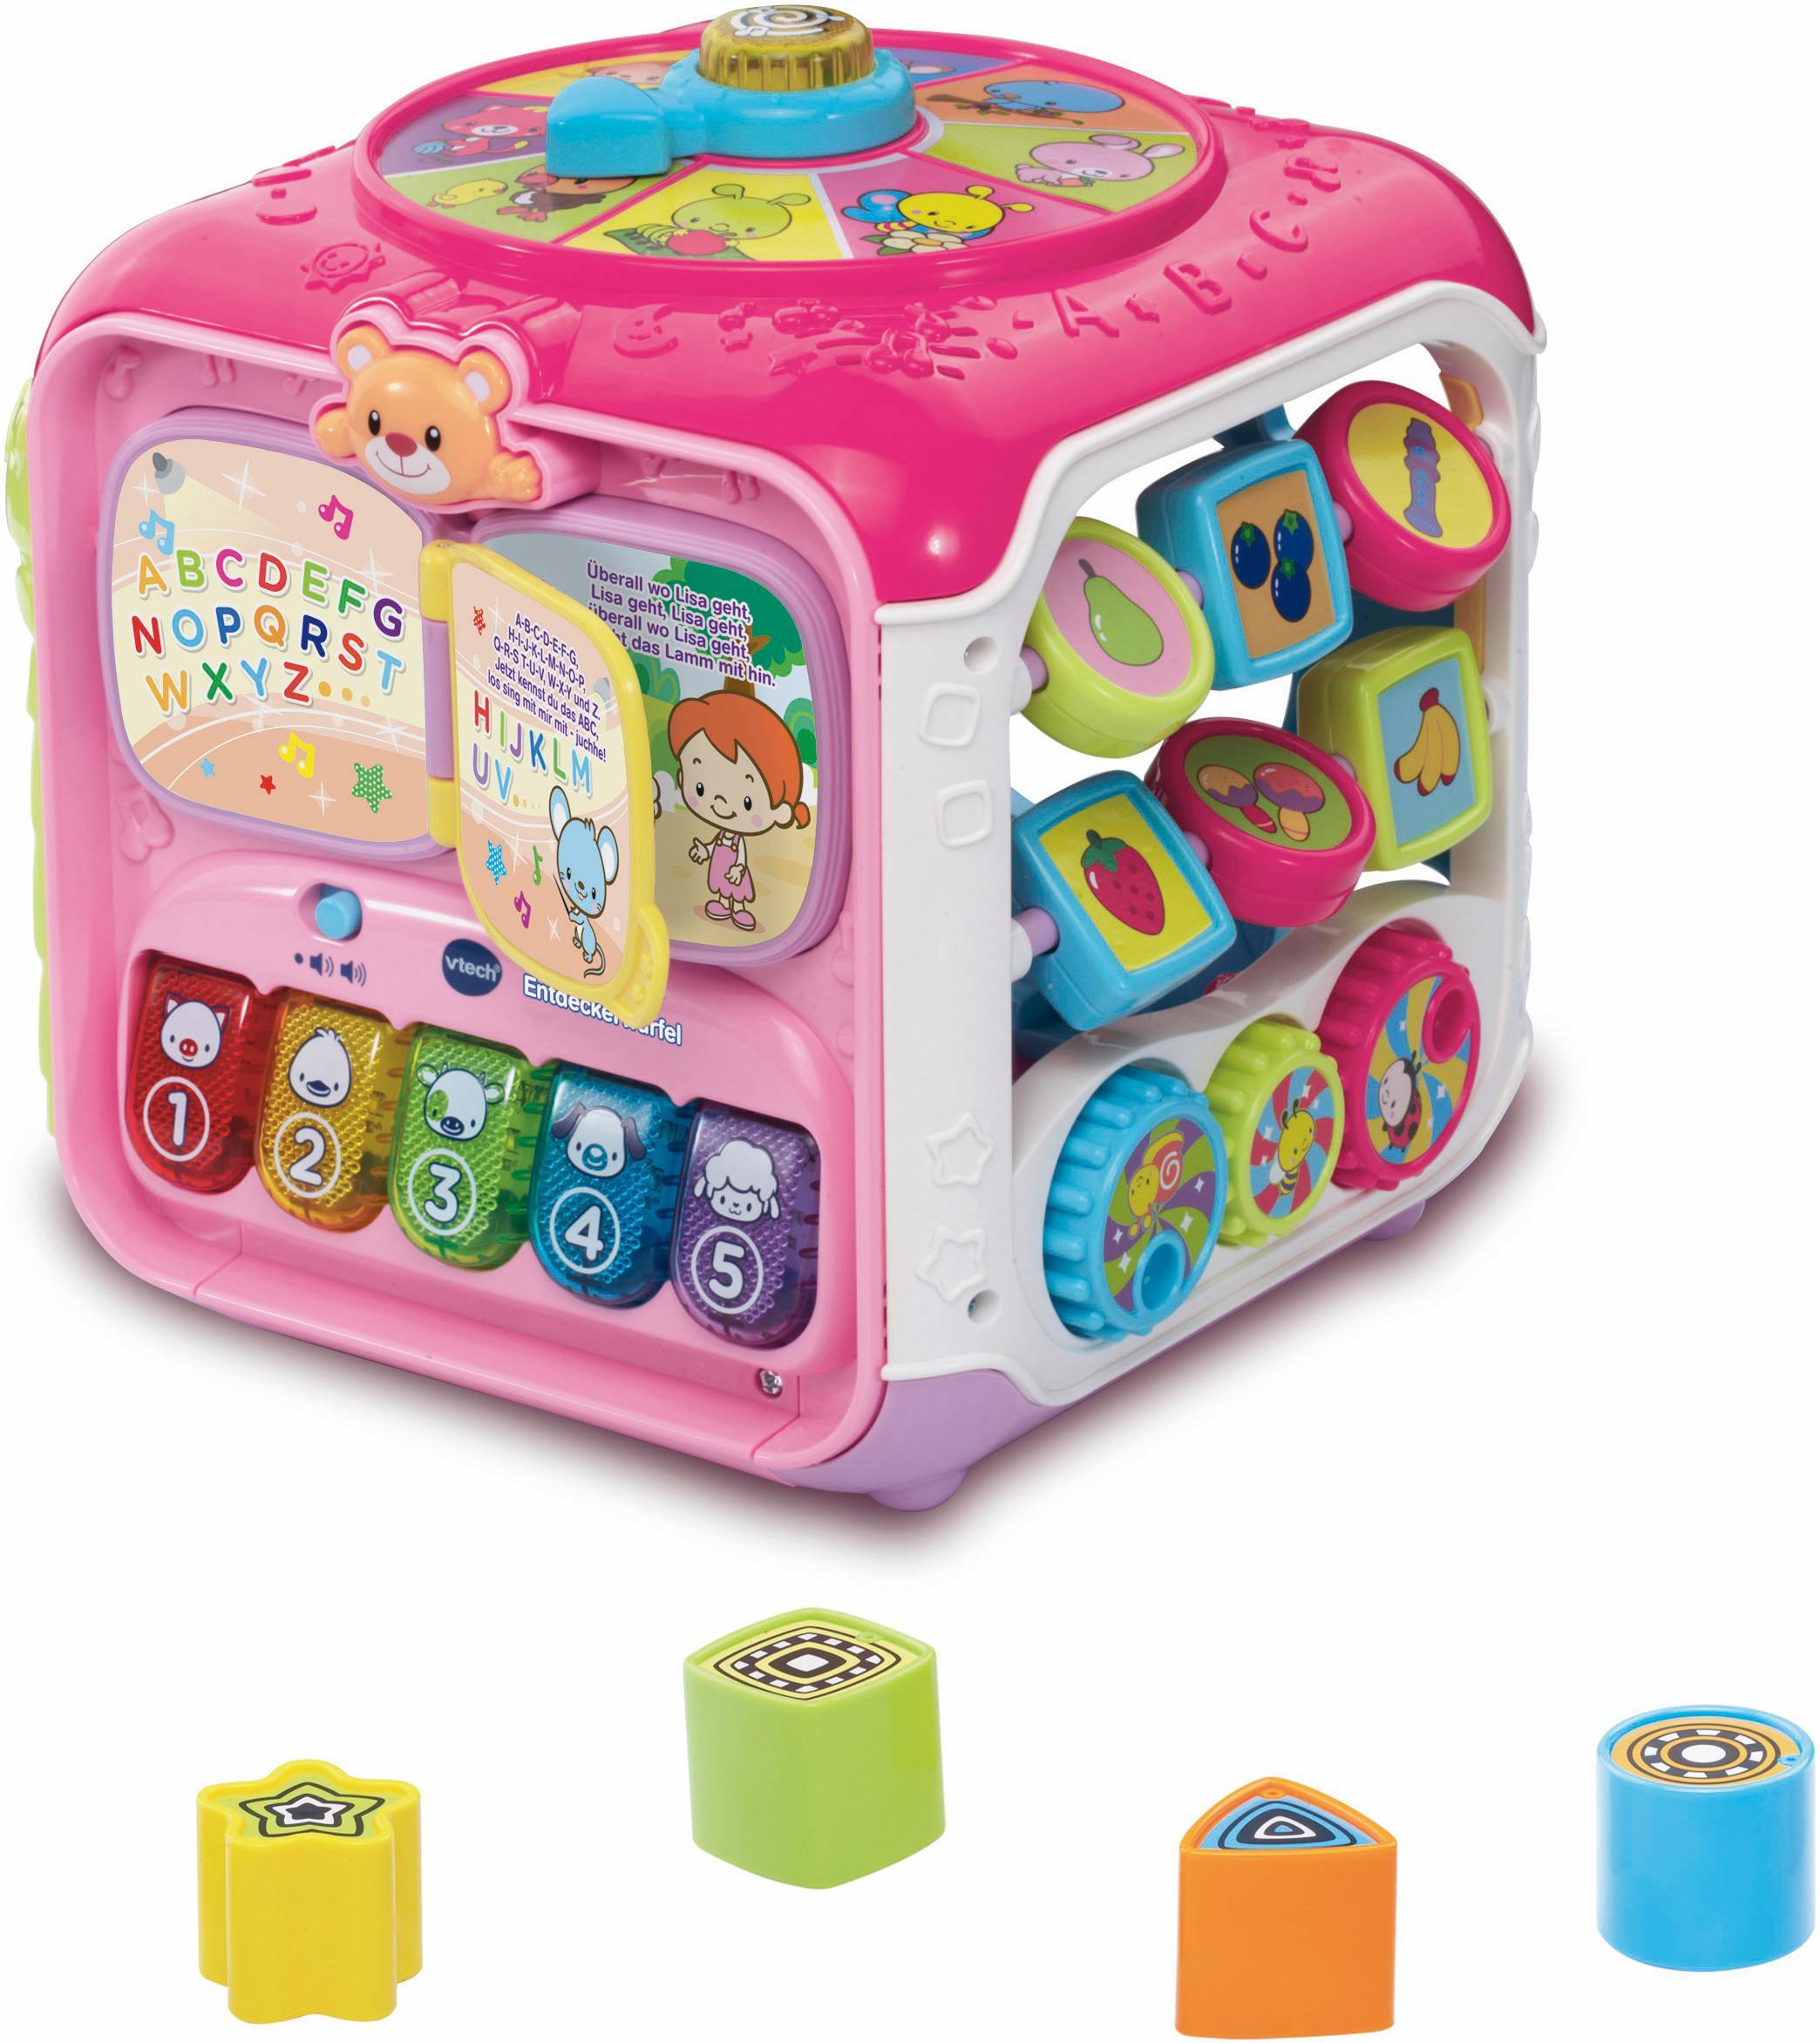 Vtech Lernspielzeug Spielwürfel Entdeckerwürfel pink Technik & Freizeit/Spielzeug/Altersempfehlung/Ab 12 Monaten